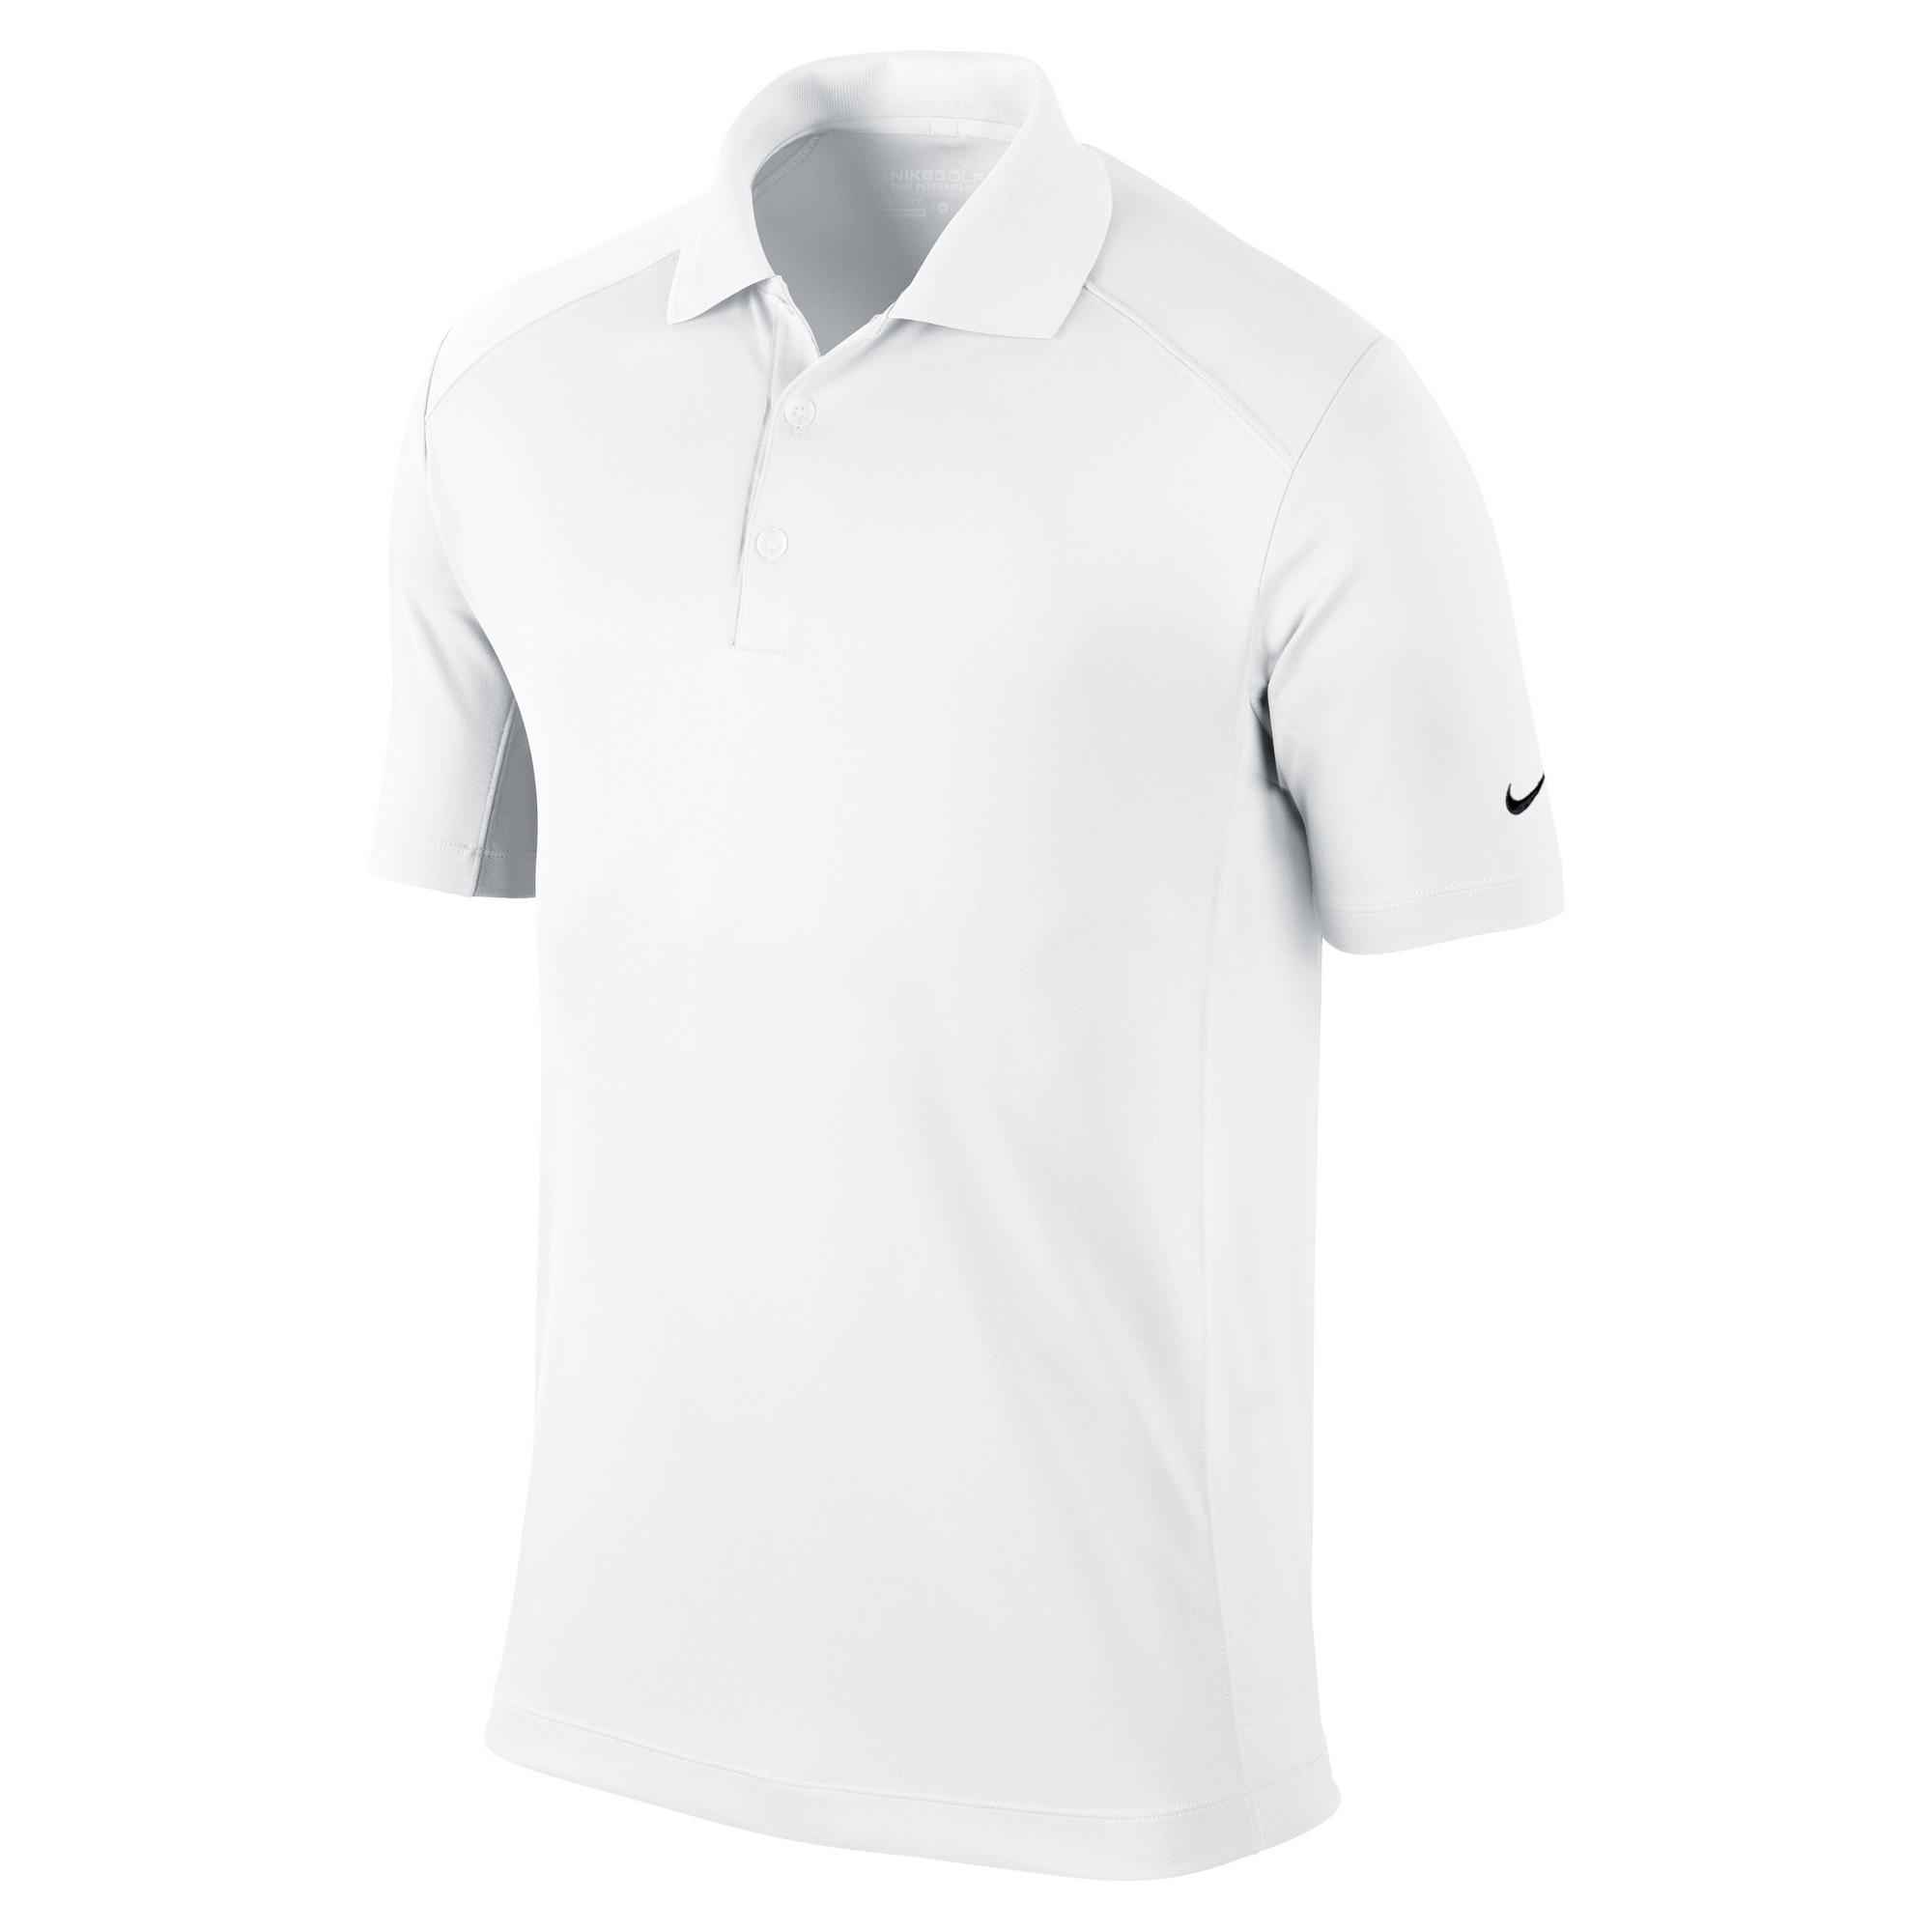 Nike Mens Victory Sports Polo Shirt Tshirt Top Szs S-XXL ...